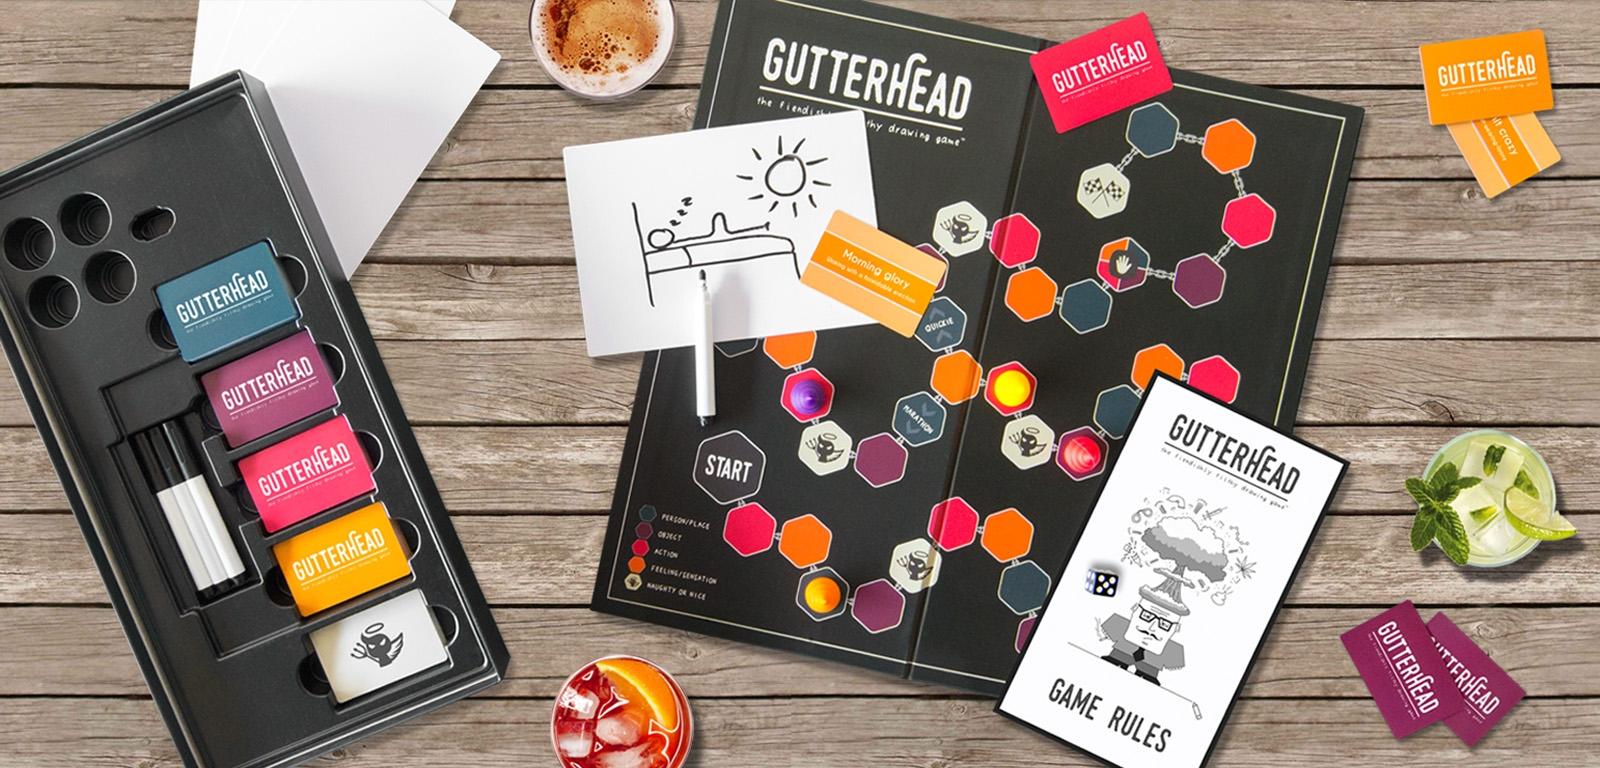 Gutterhead Board Game Review // TechNuovo.com